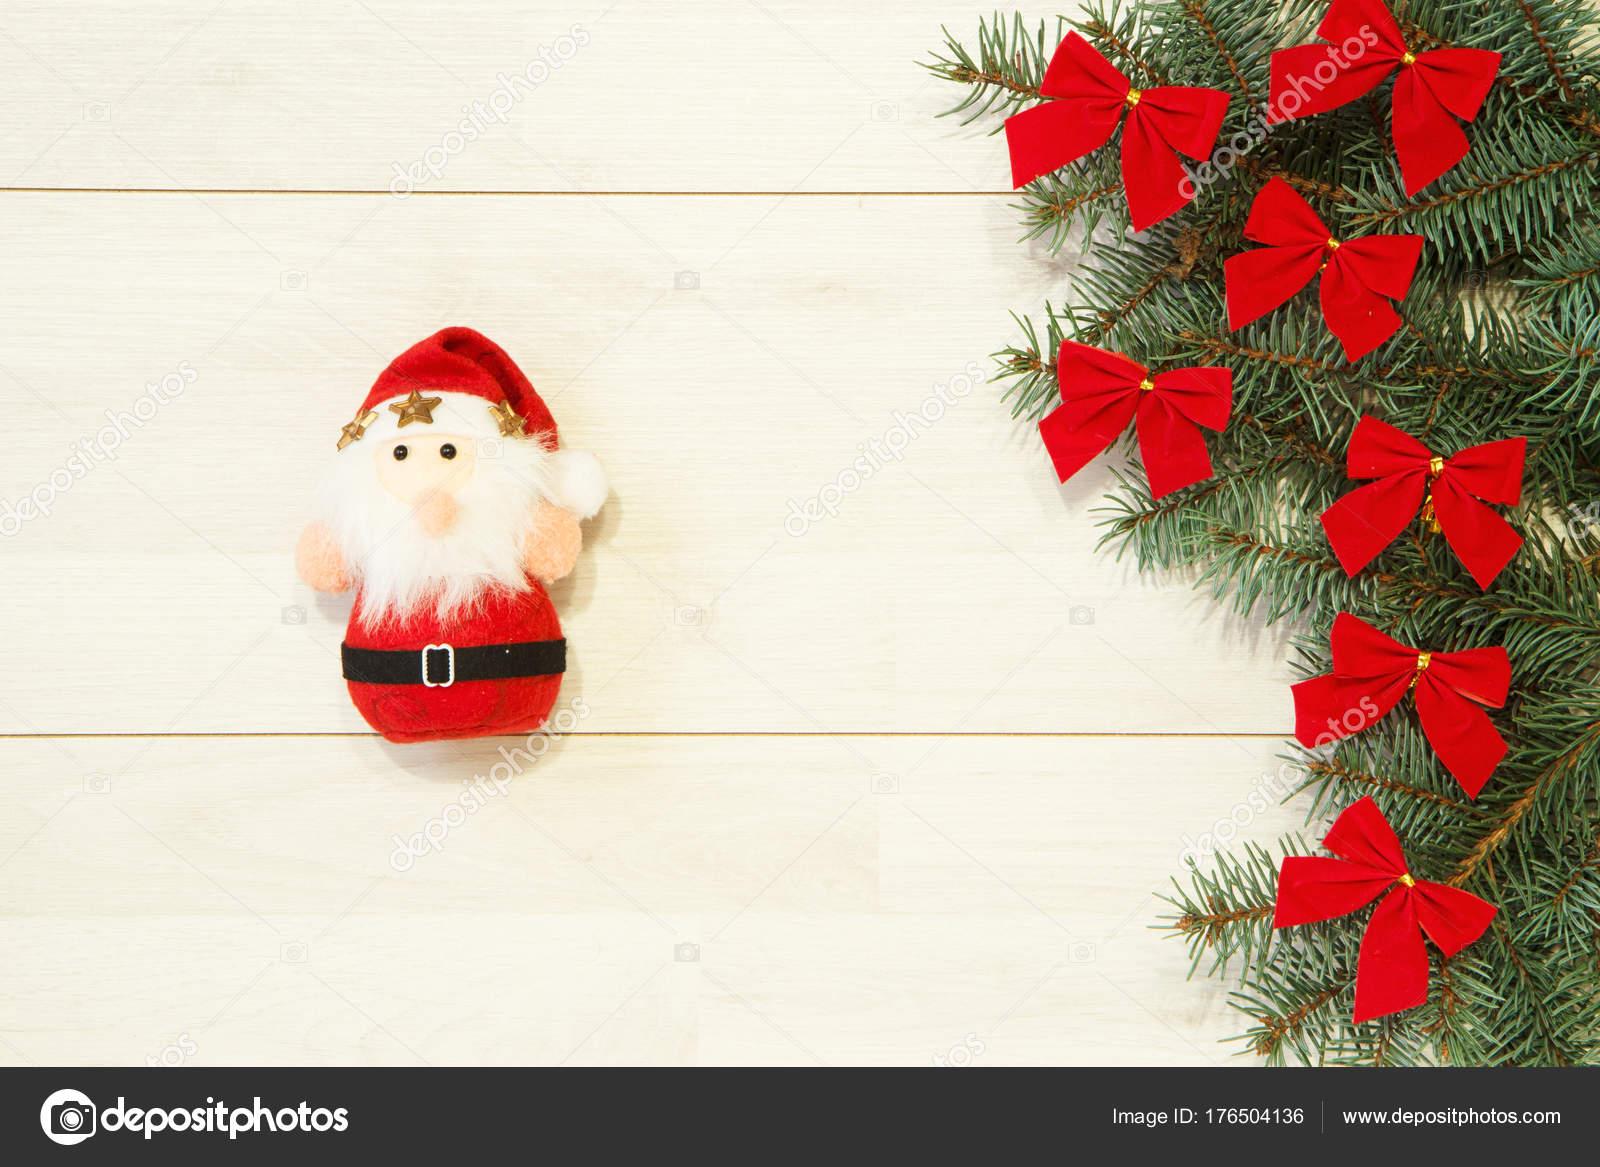 Navidad Año Santa Rojo Arbol Juguete Con Lazo Plantilla Nuevo NnOvy0wPm8